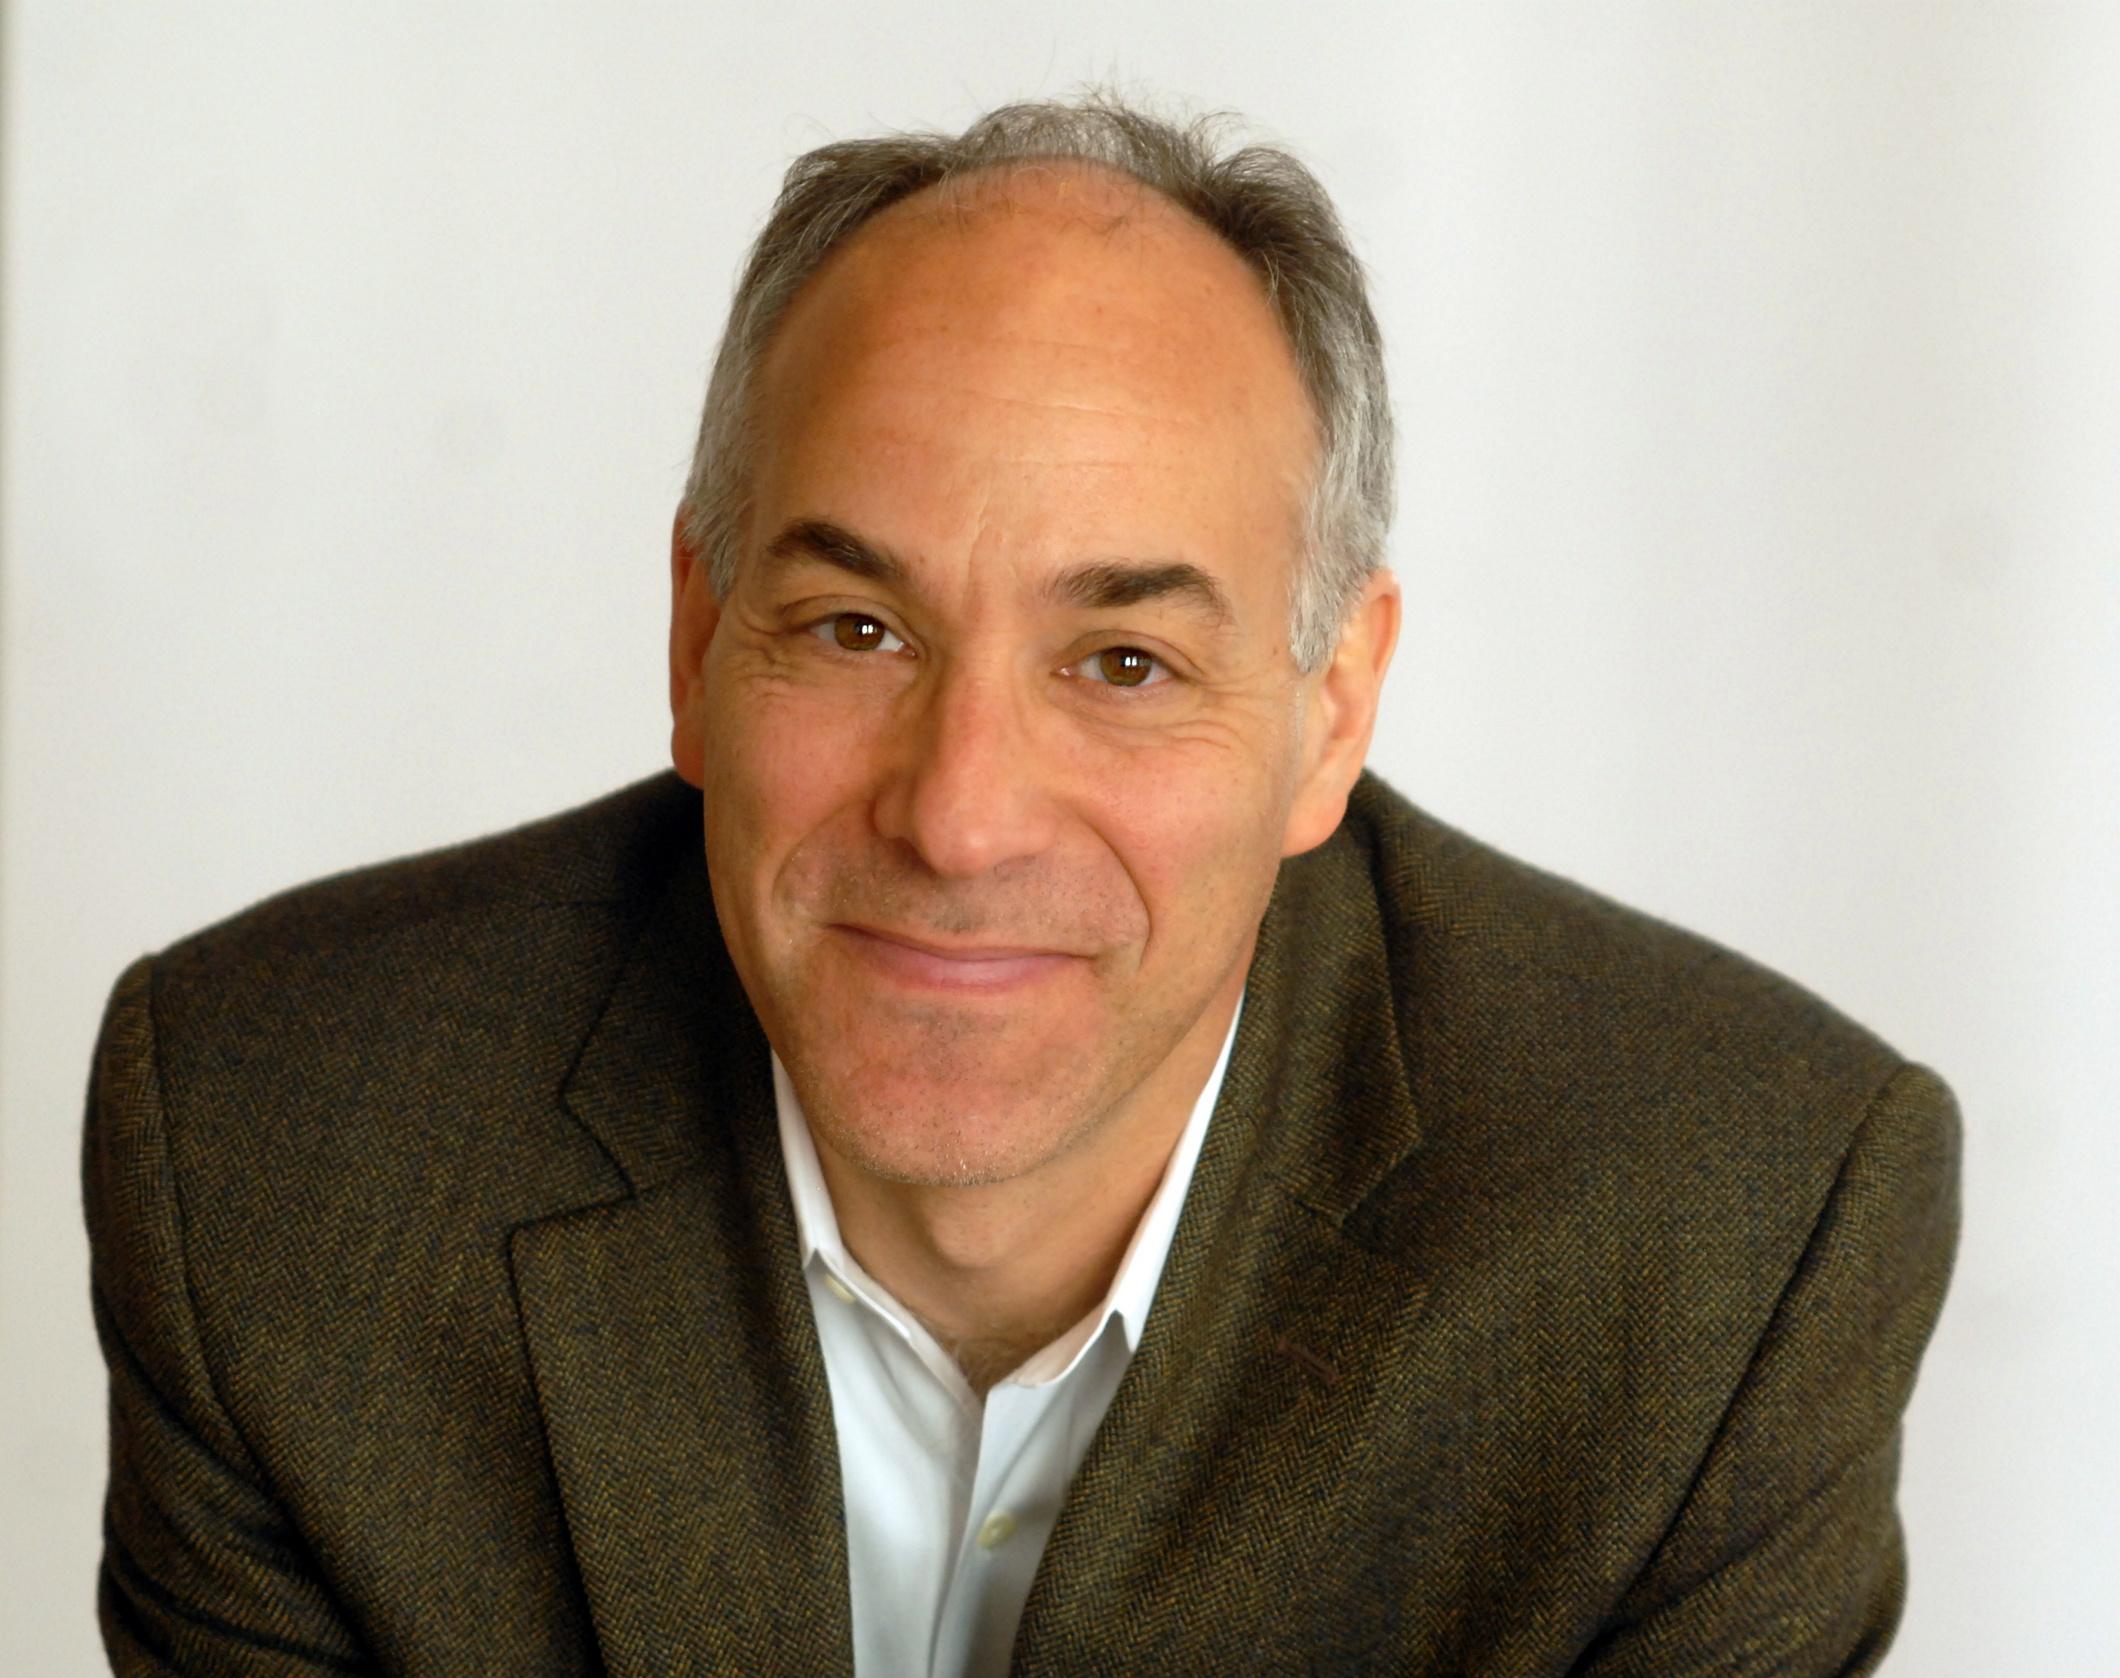 Nicholas Goldberg